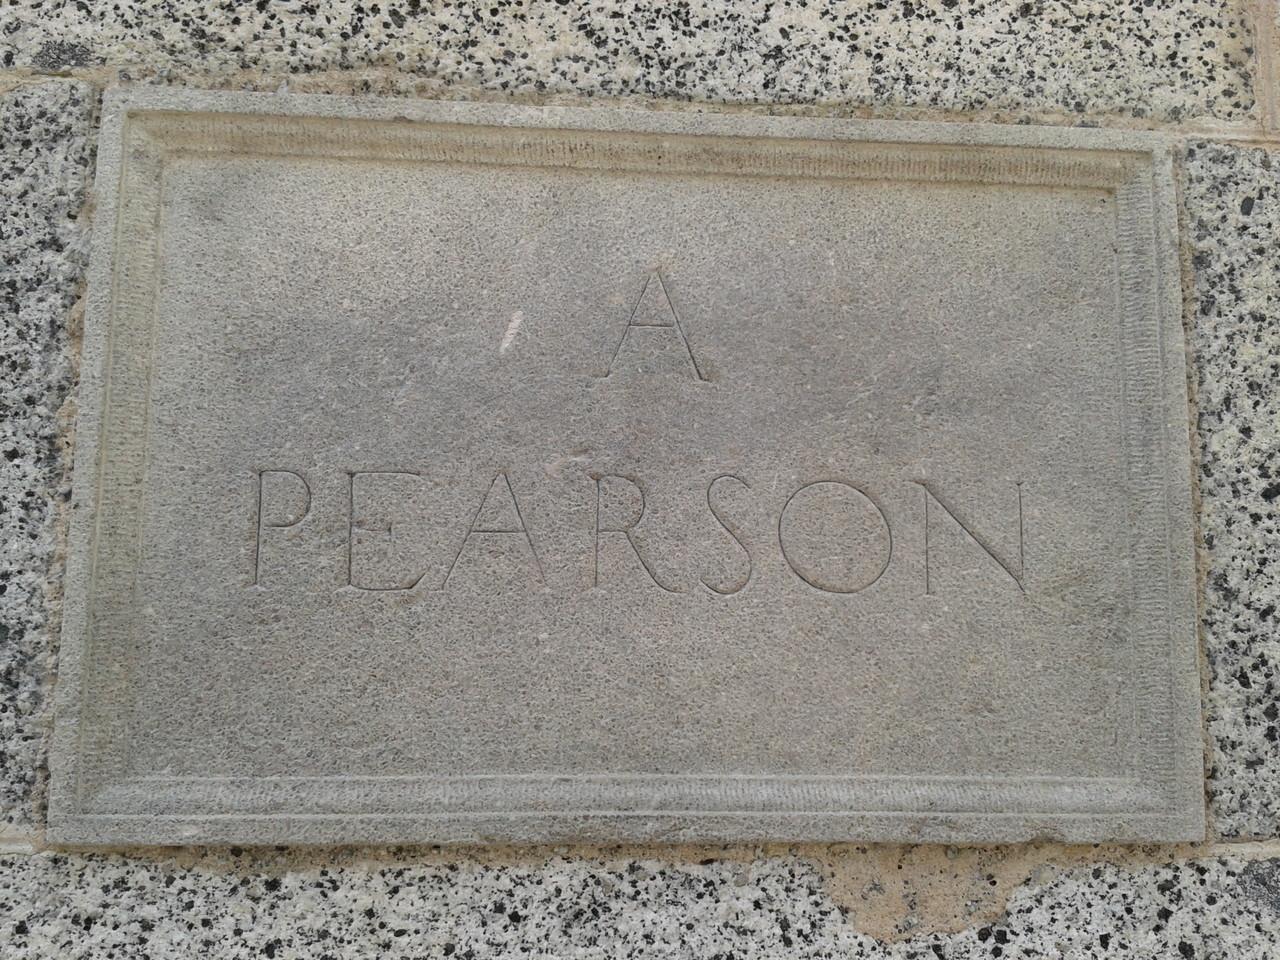 Placa del Monument a Pearson